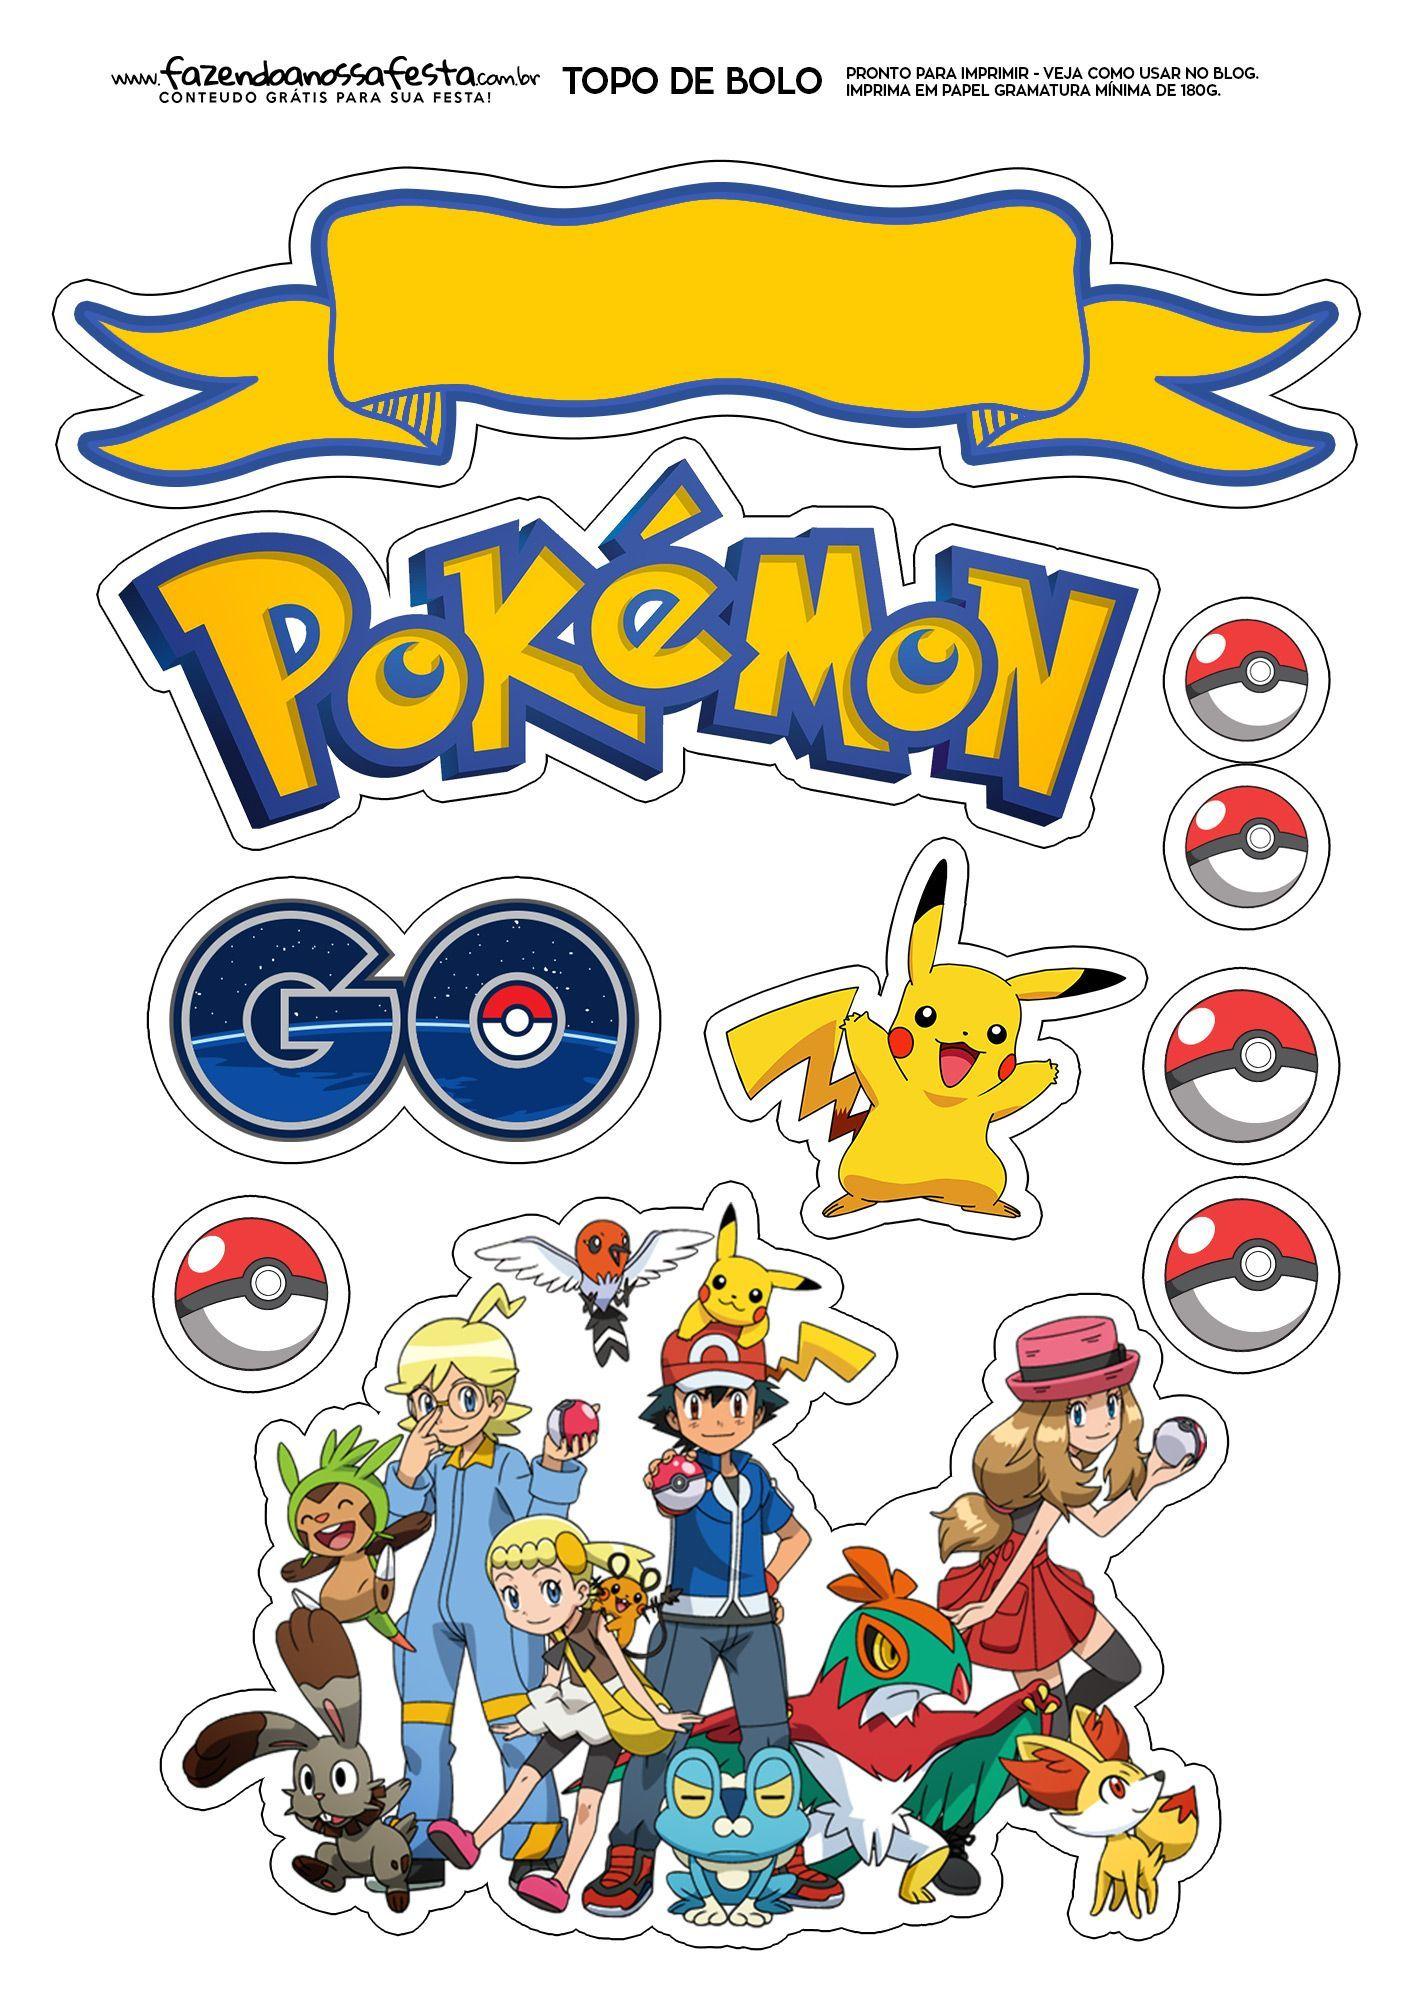 Risultati Immagini Per Topo De Bolo Pokemon ポケモン誕生日